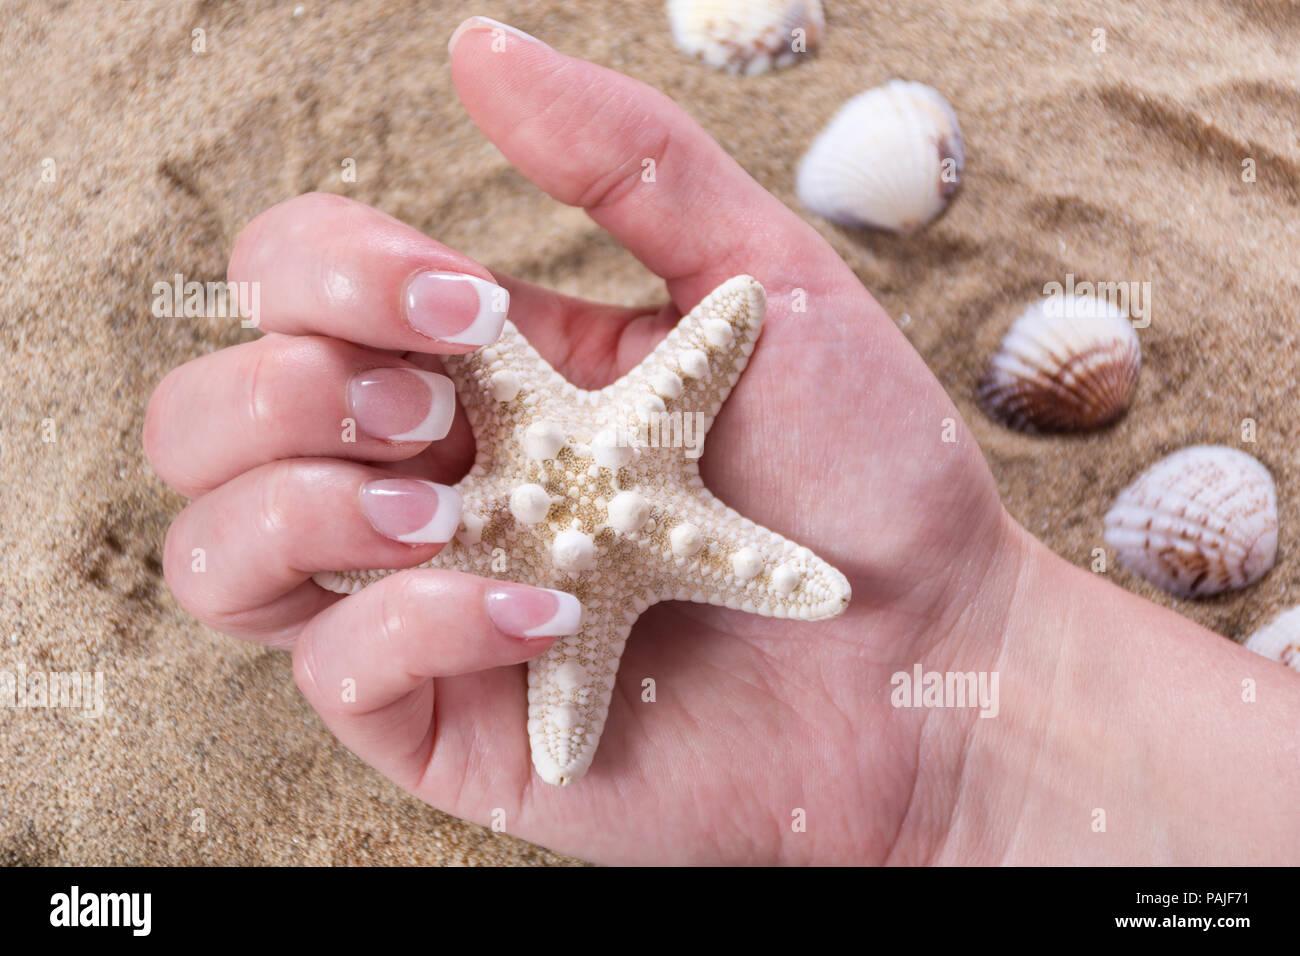 Junge Weibliche Hand Mit French Manikure Stil Auf Die Nagel Halten